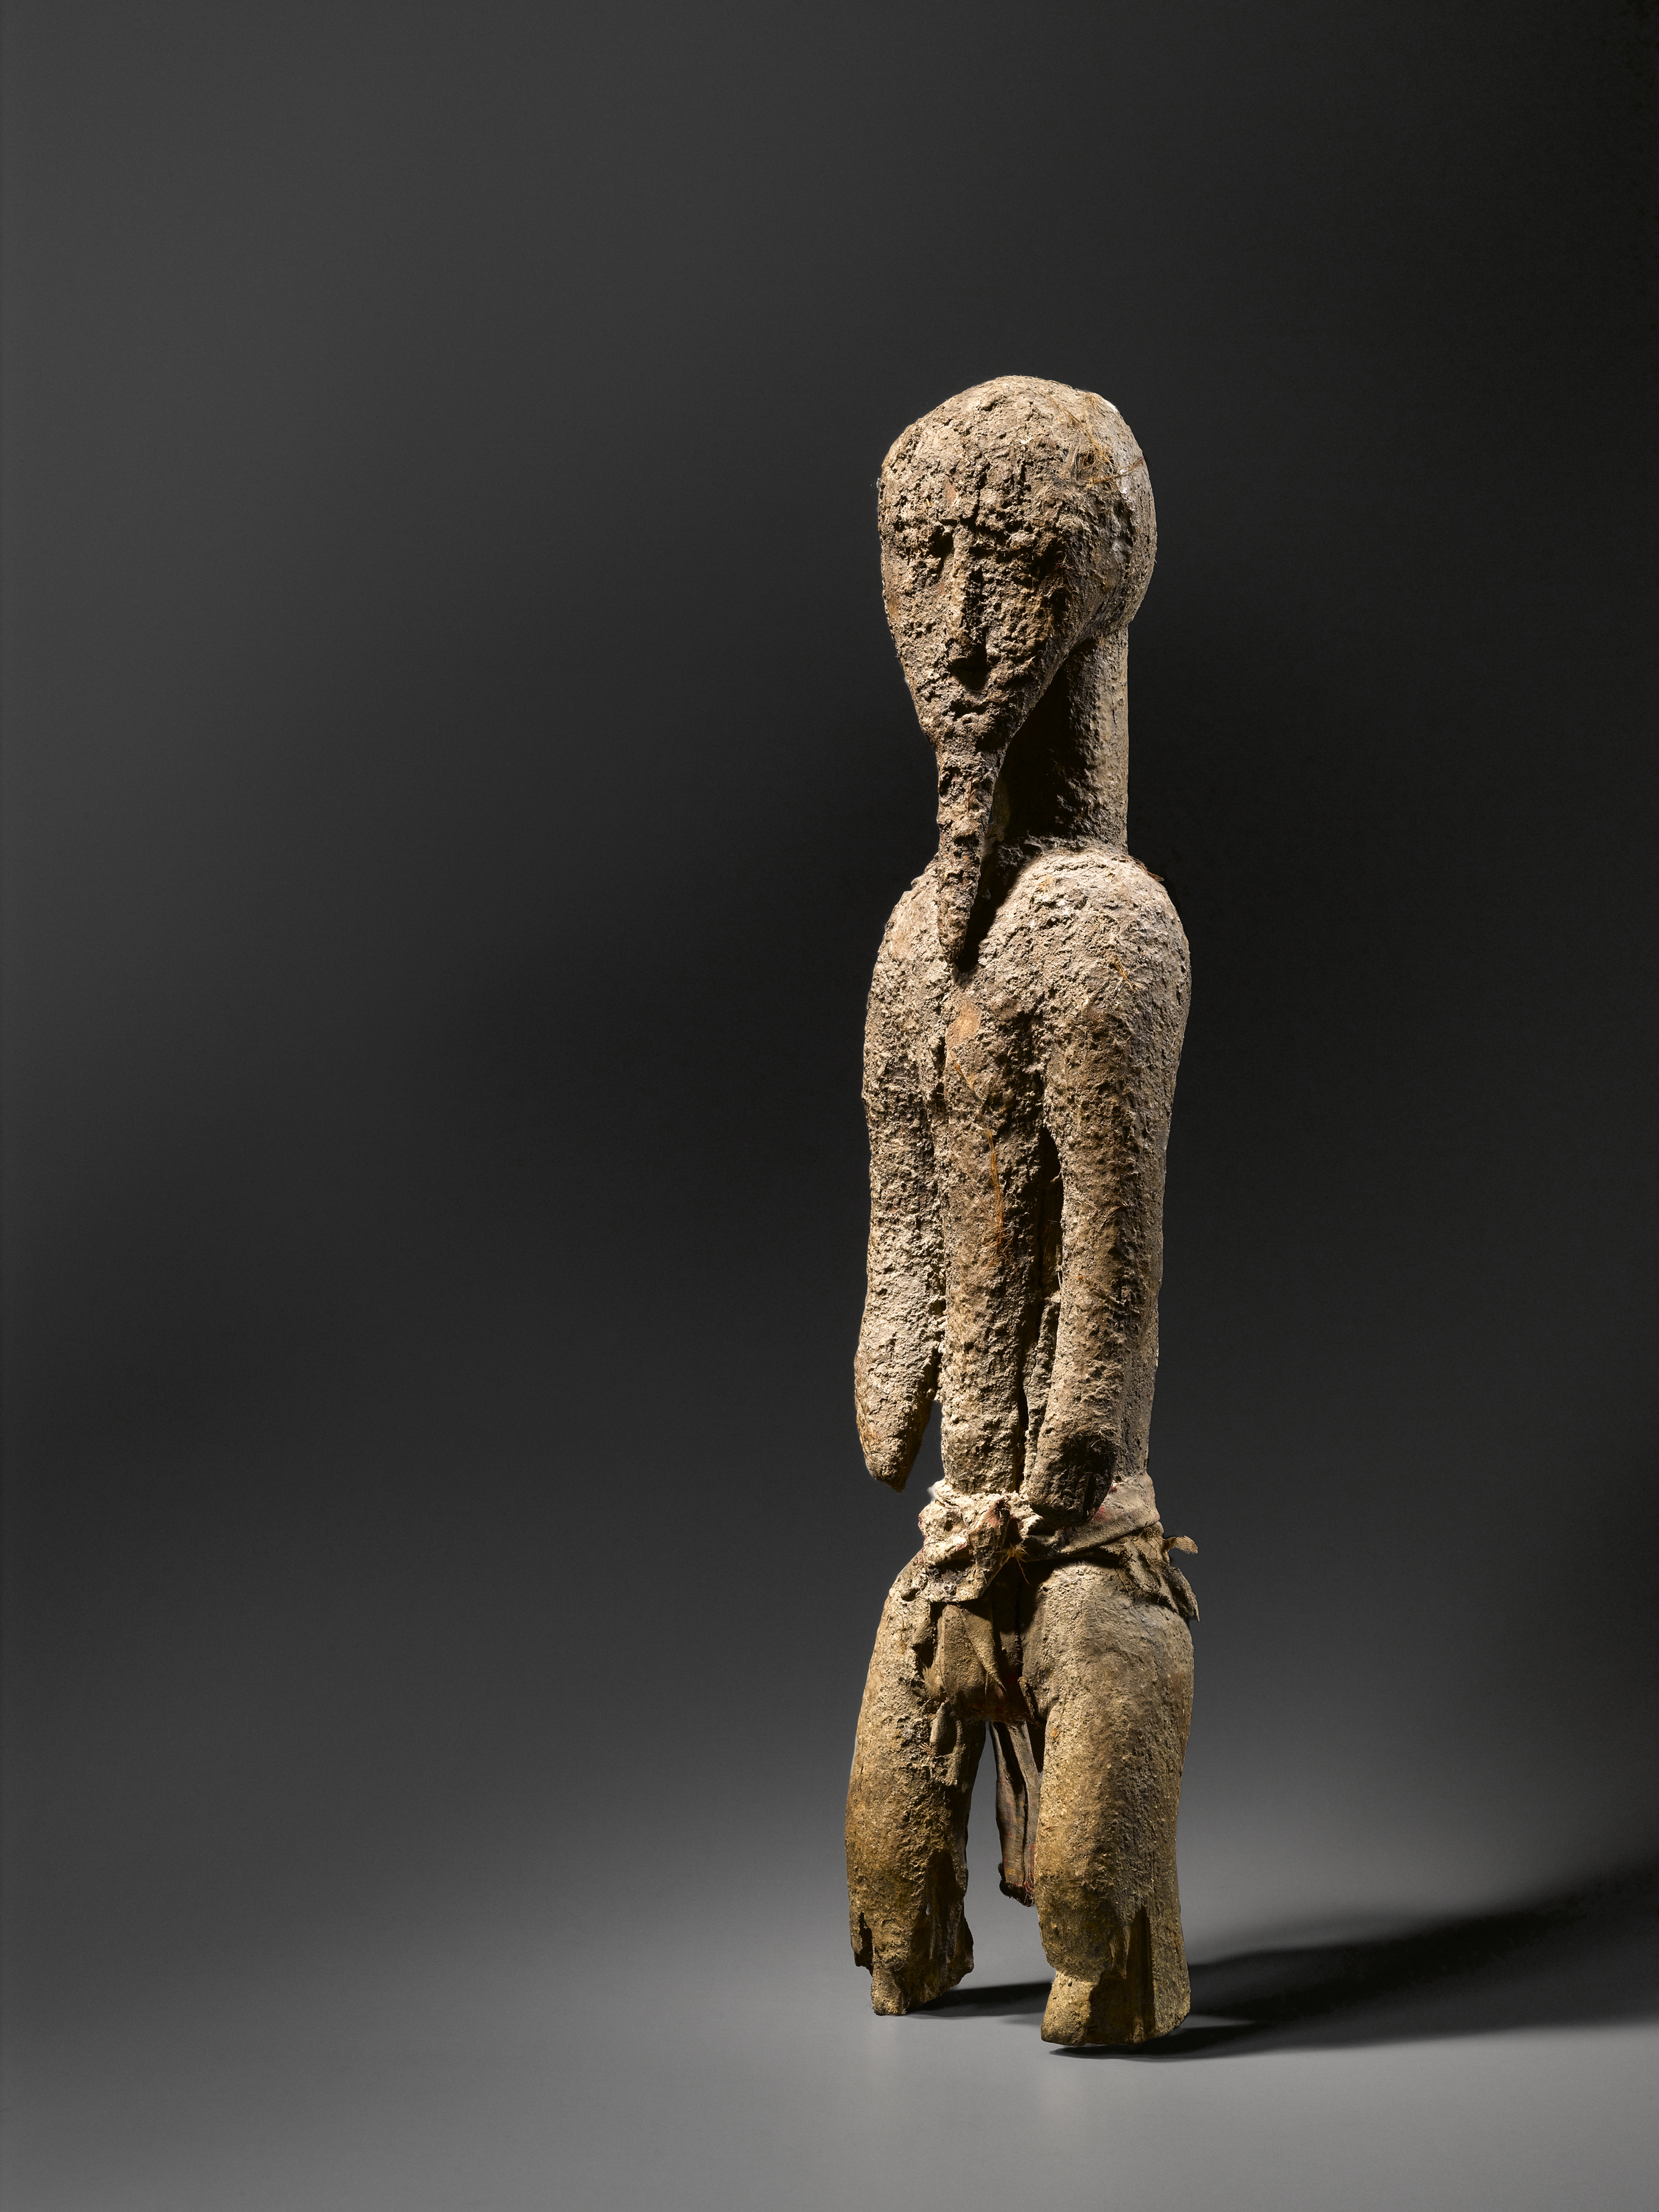 Sculpture Baoulé Côte d'Ivoire Bois et tissus. H 57 cm Publiée in Sacrifice, 2011